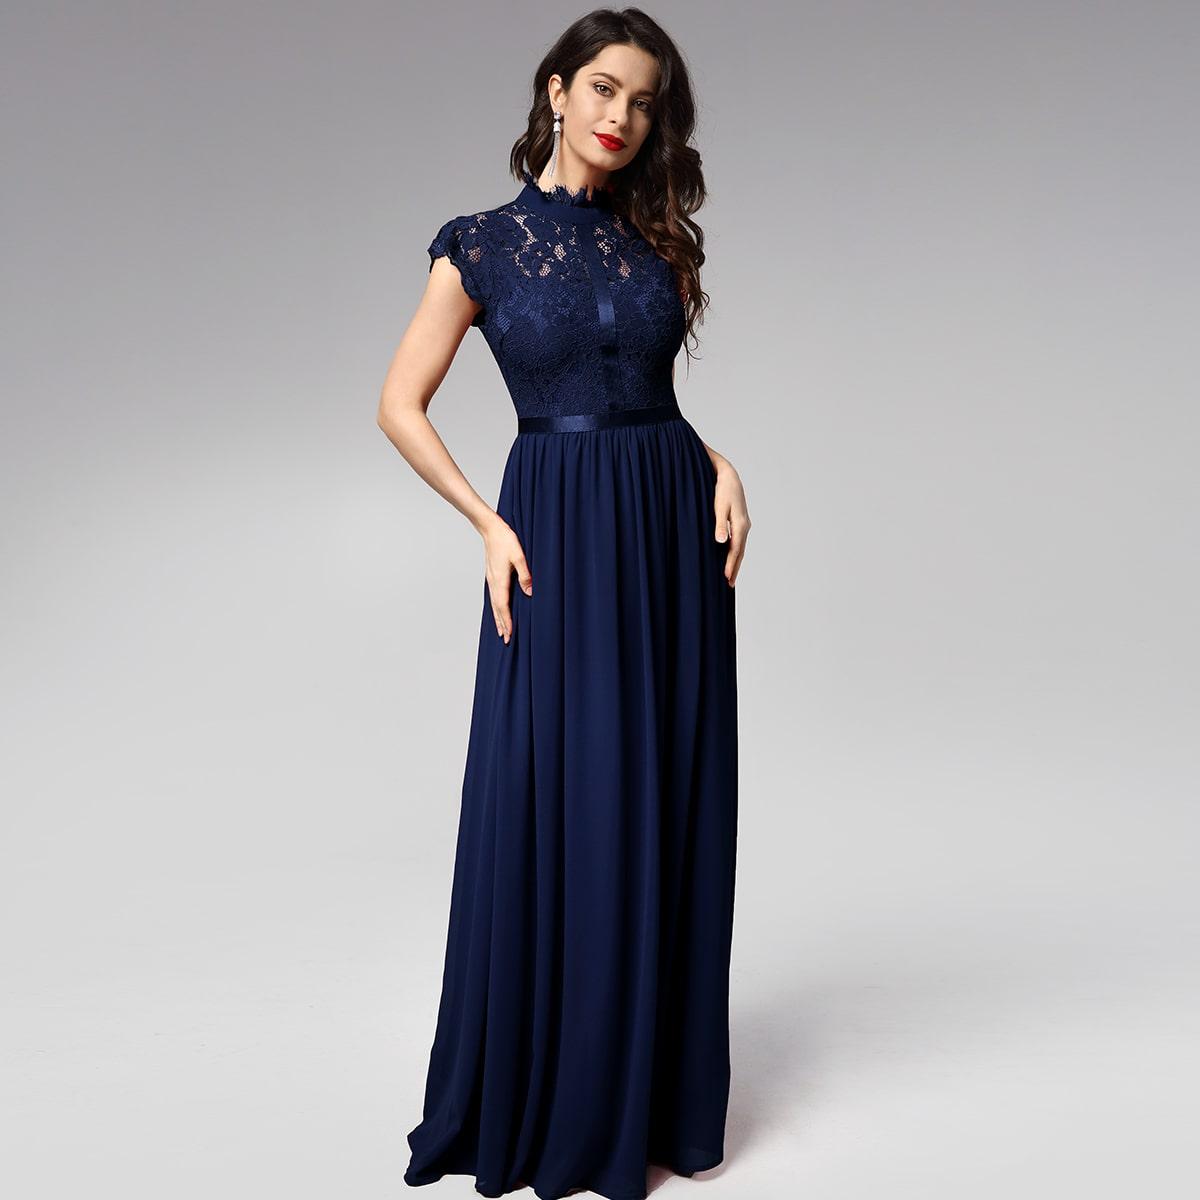 Шифоновое платье с кружевной отделкой фото